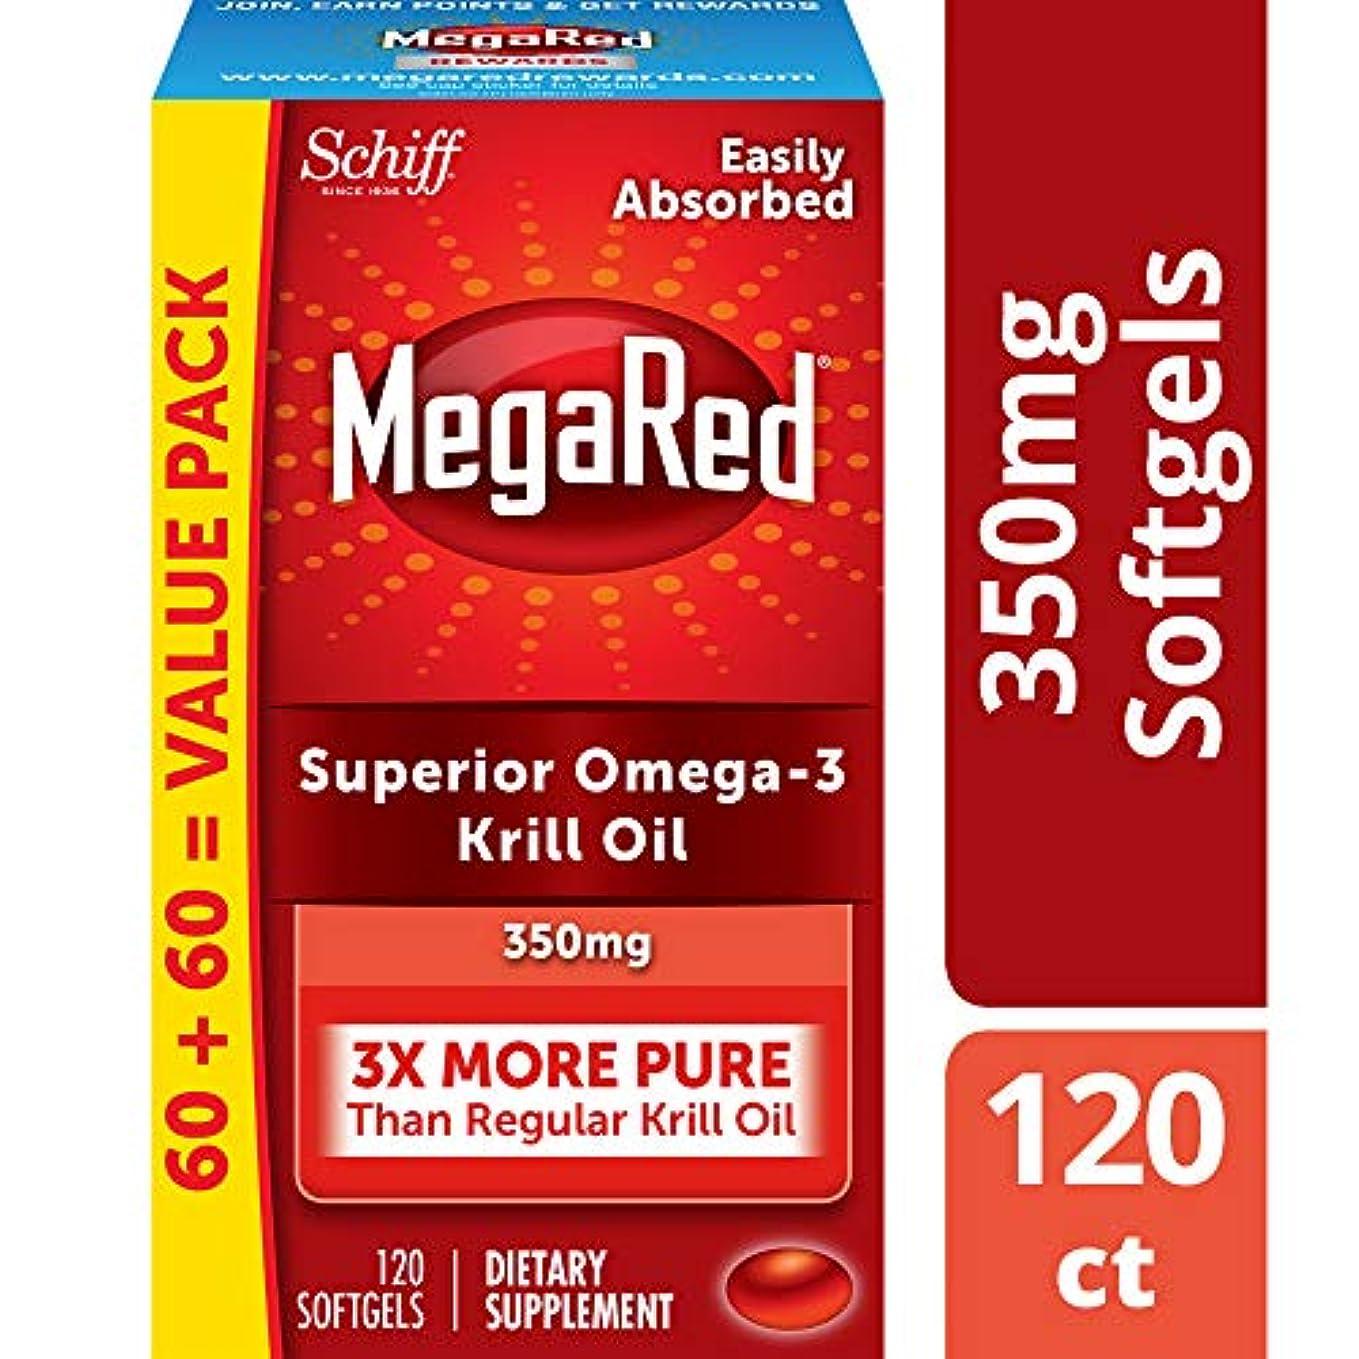 【海外直送品】シッフ Megared オメガ3 クリルオイル アスタキサンチン 抗酸化 120錠 350 mg